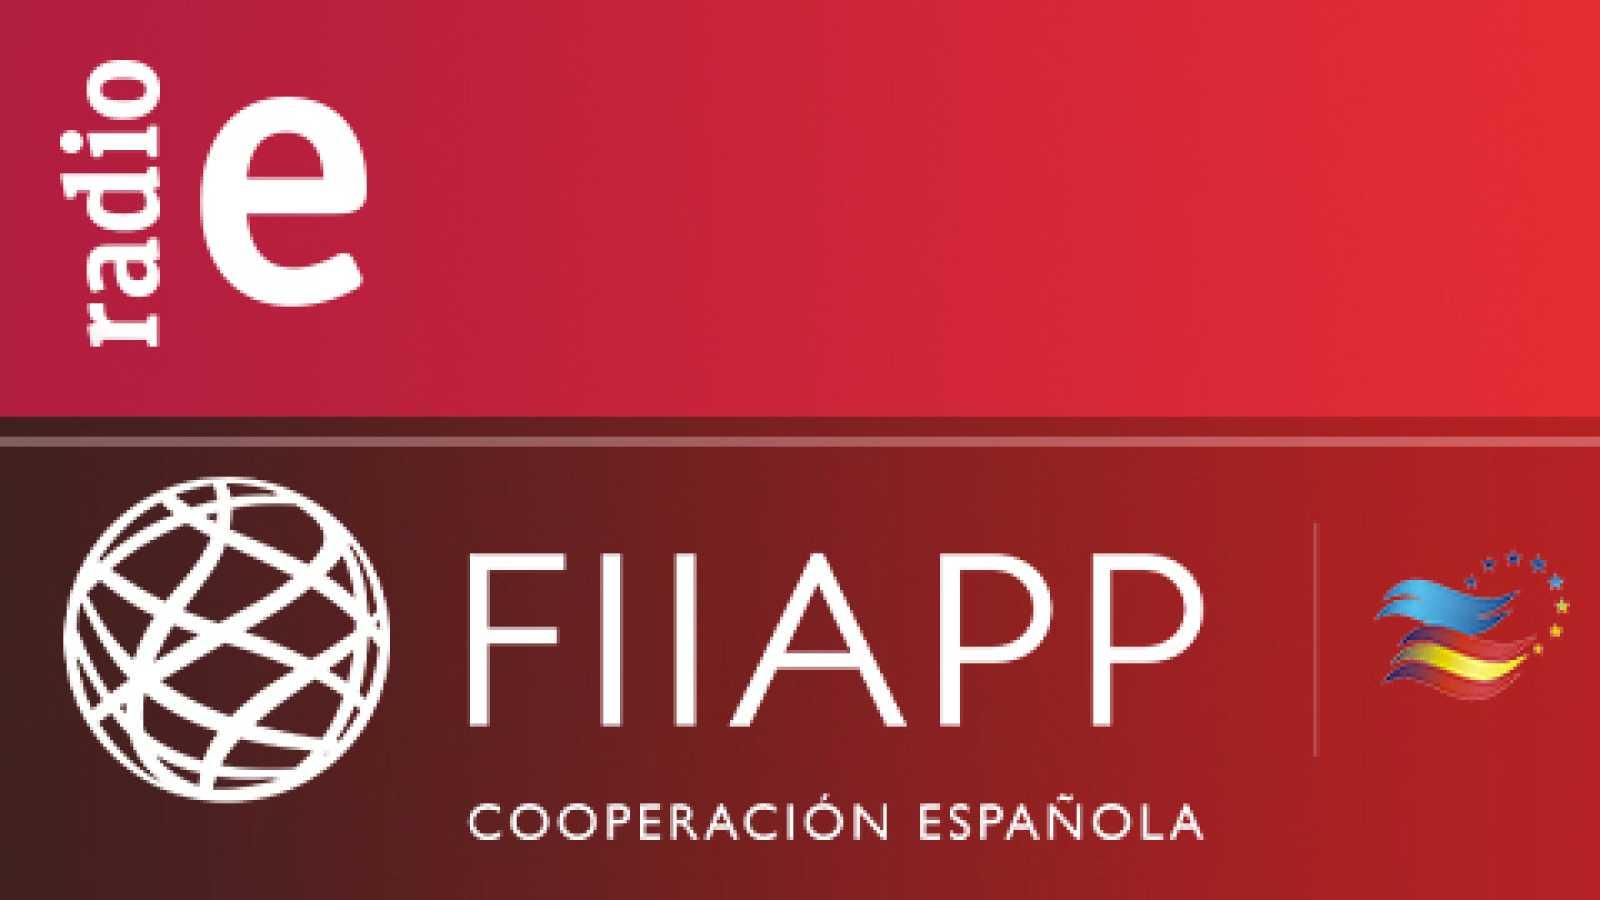 Cooperación pública en el mundo (FIIAPP) - La FIIAPP en Marruecos - 01/10/18 - Escuchar ahora